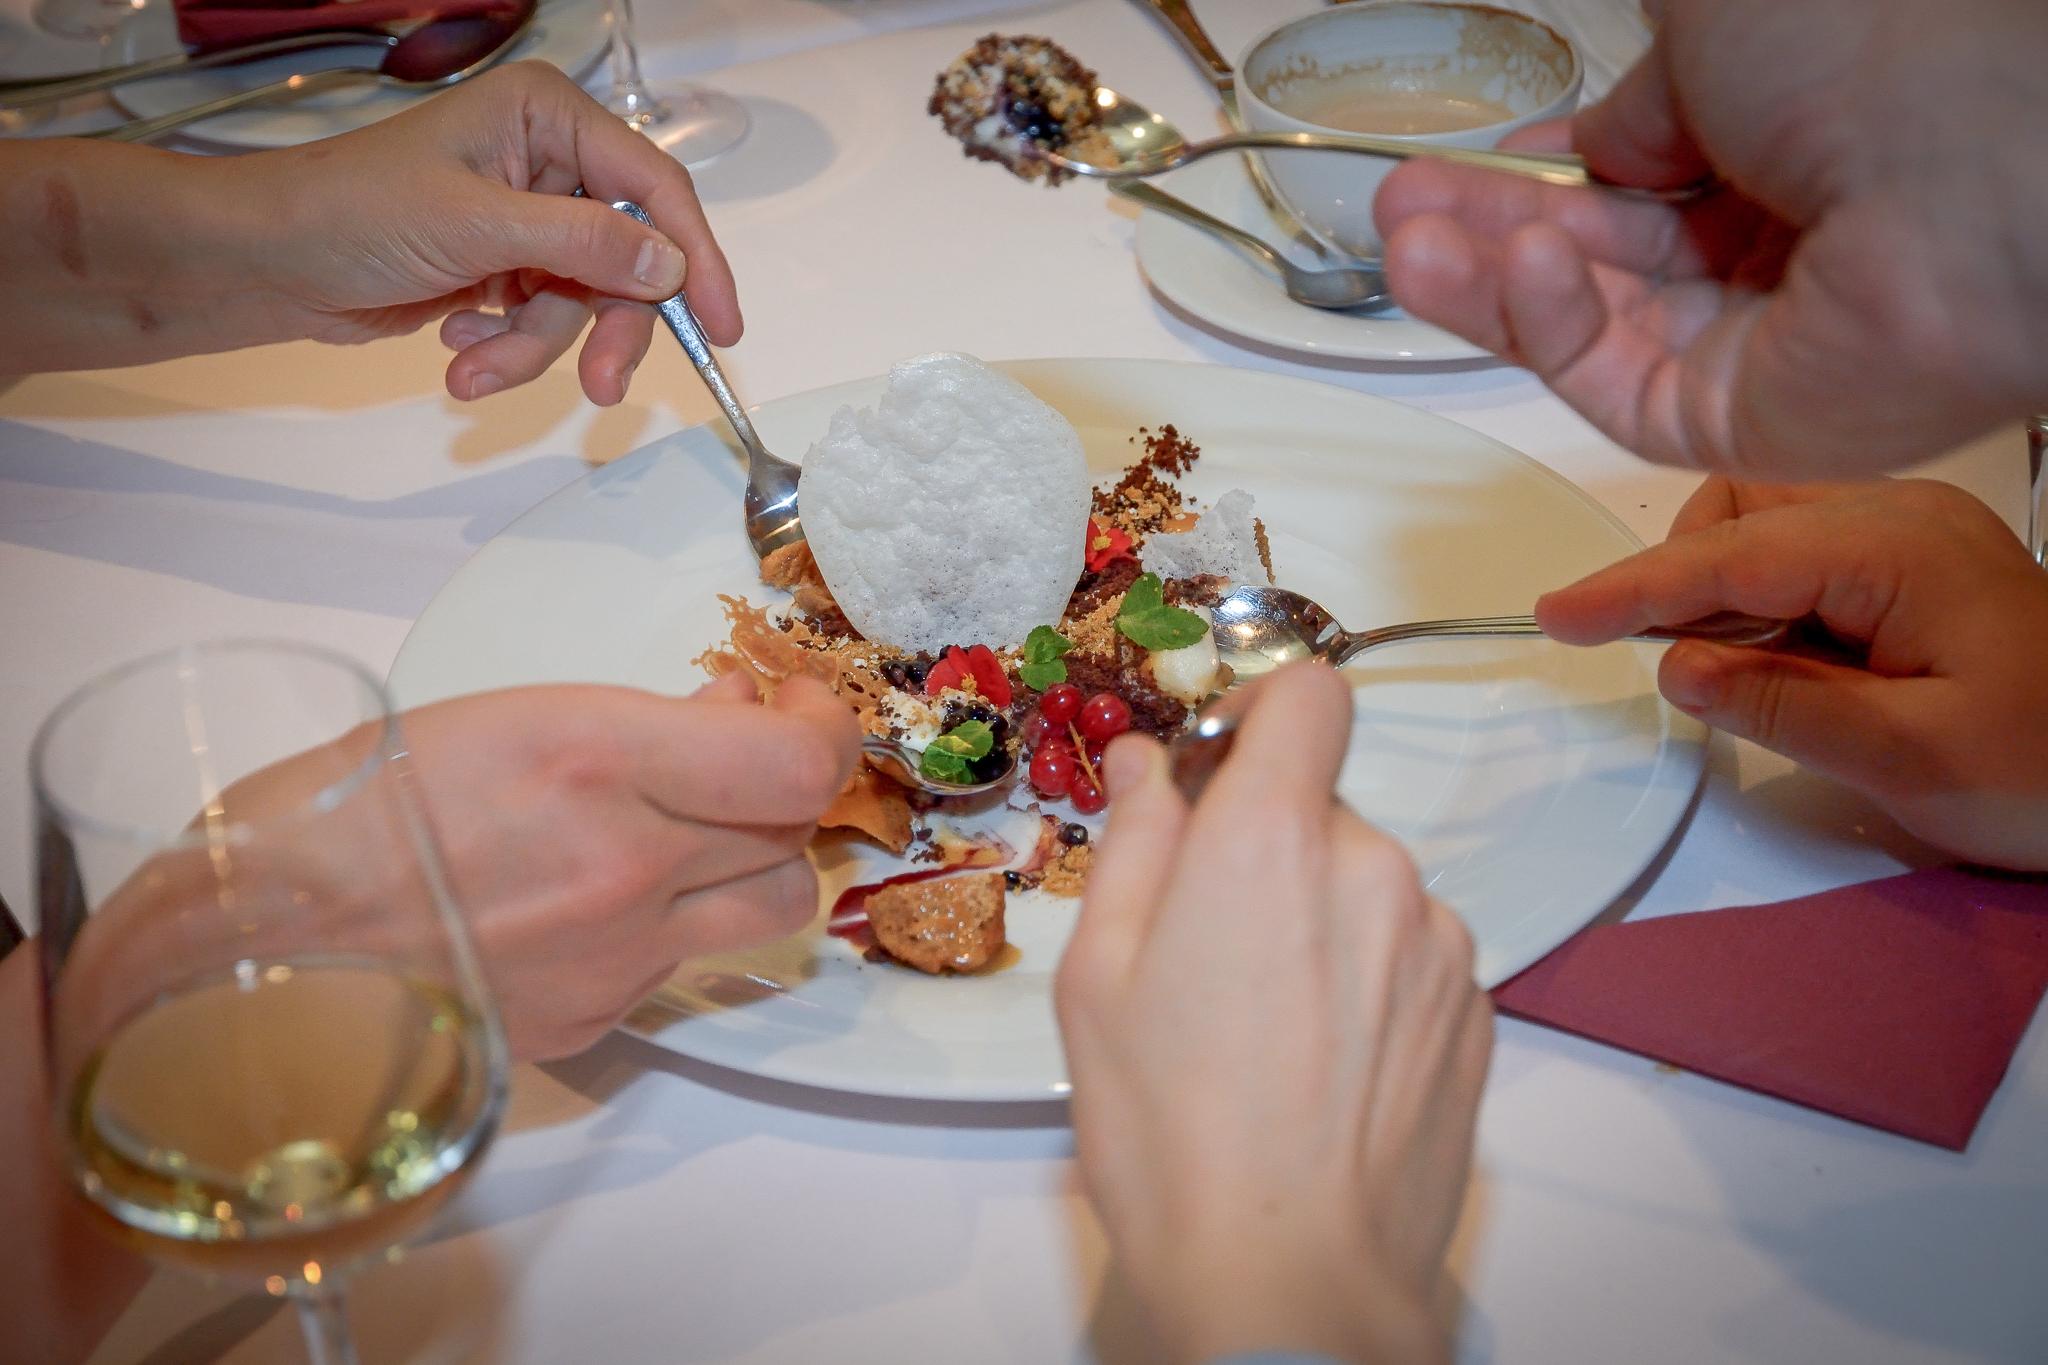 Unde să mănânci în Râmnicu Vâlcea: Restaurant Simfonia